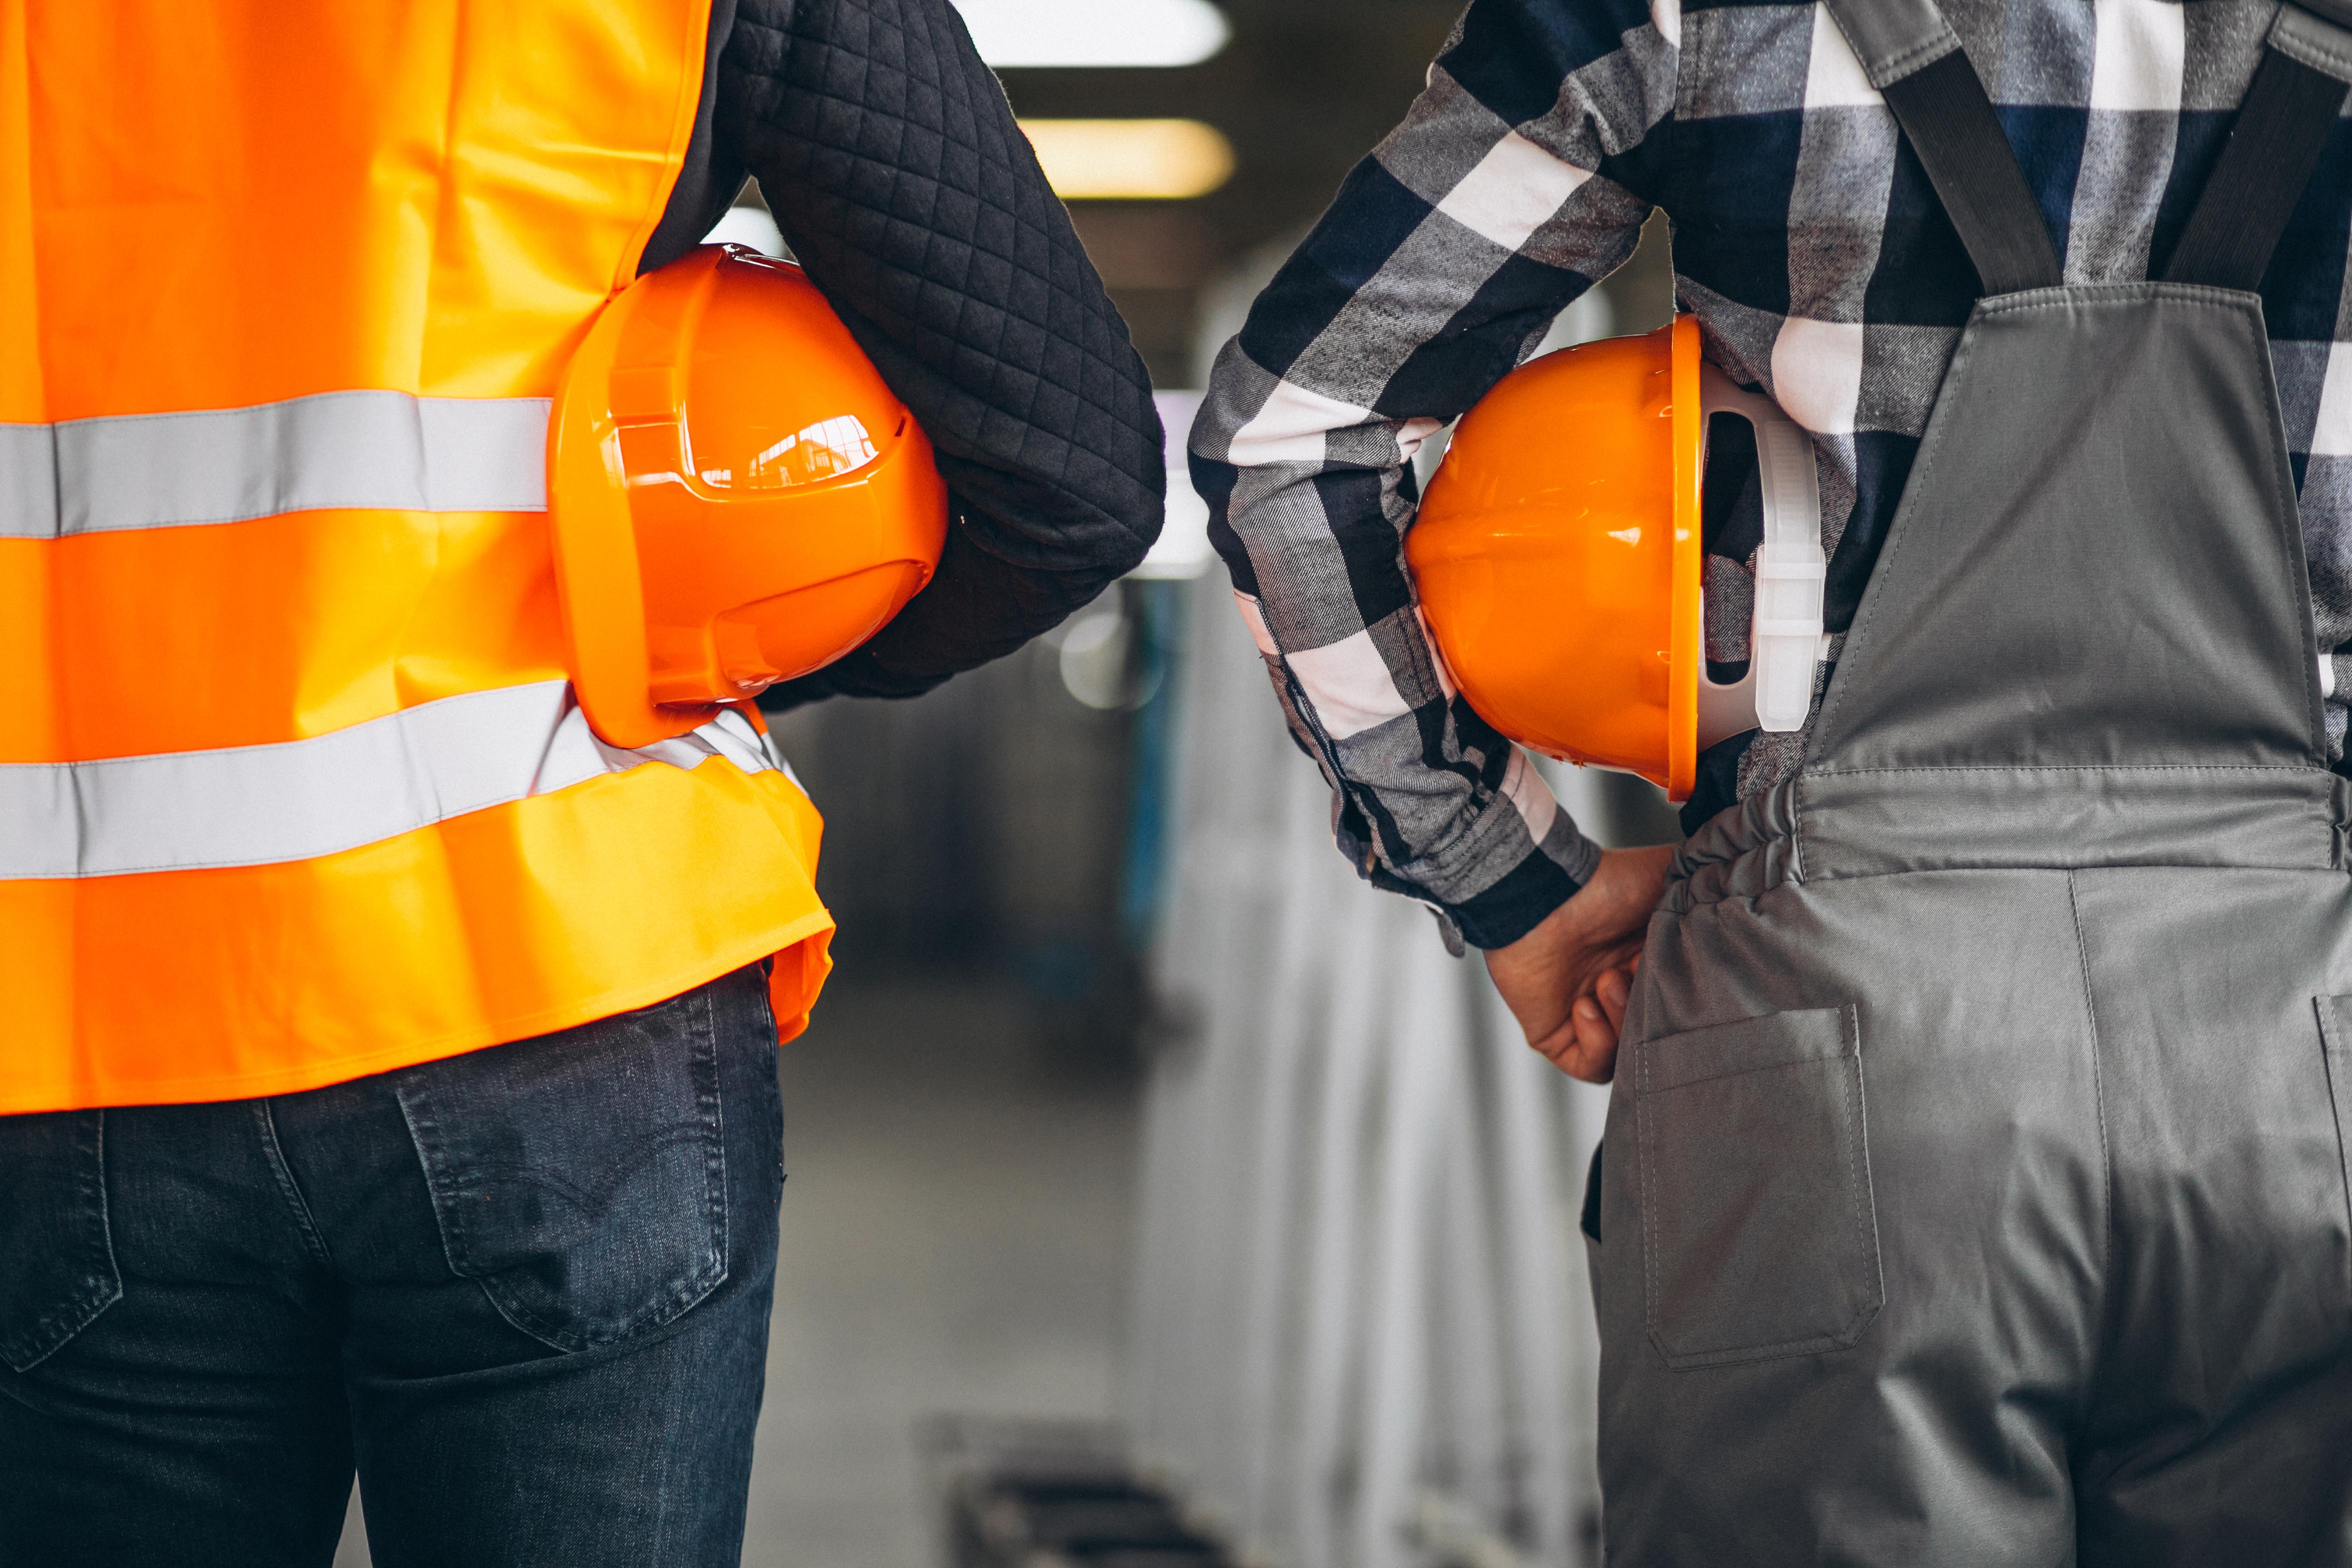 Los mejores cursos de seguridad y prevención de riesgos laborales